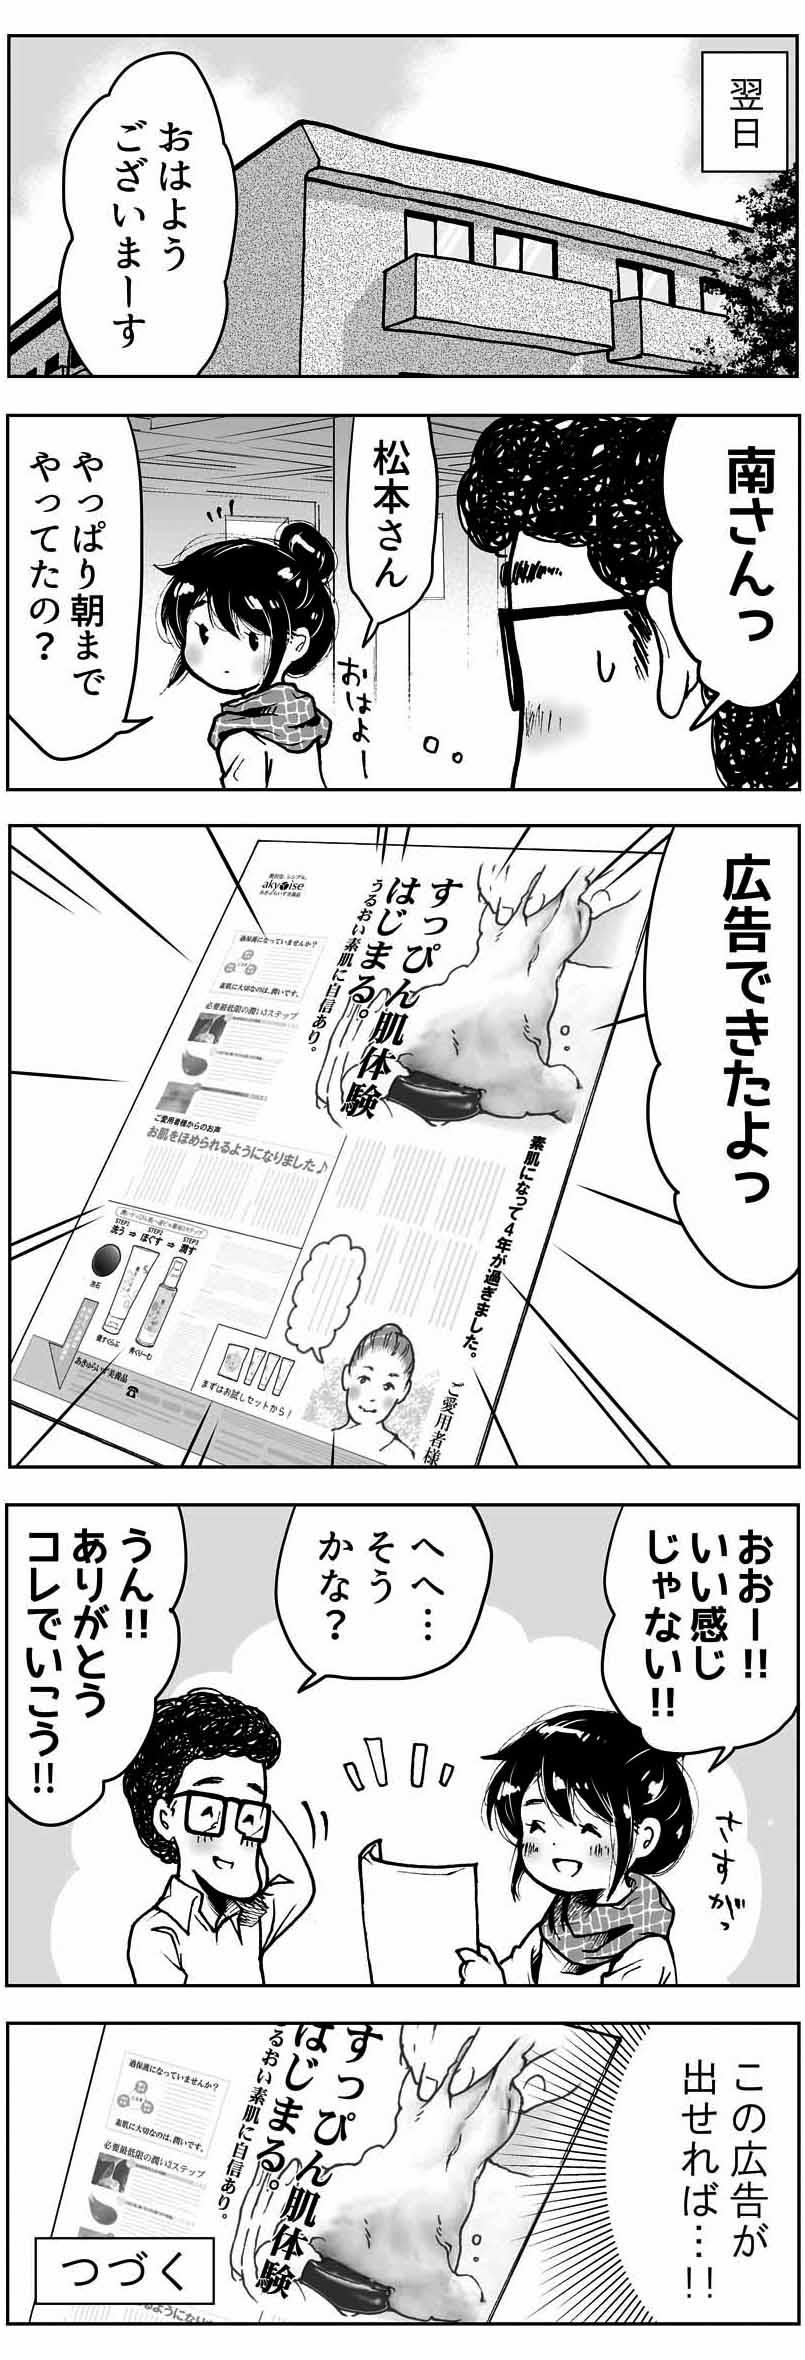 31-4.jpg